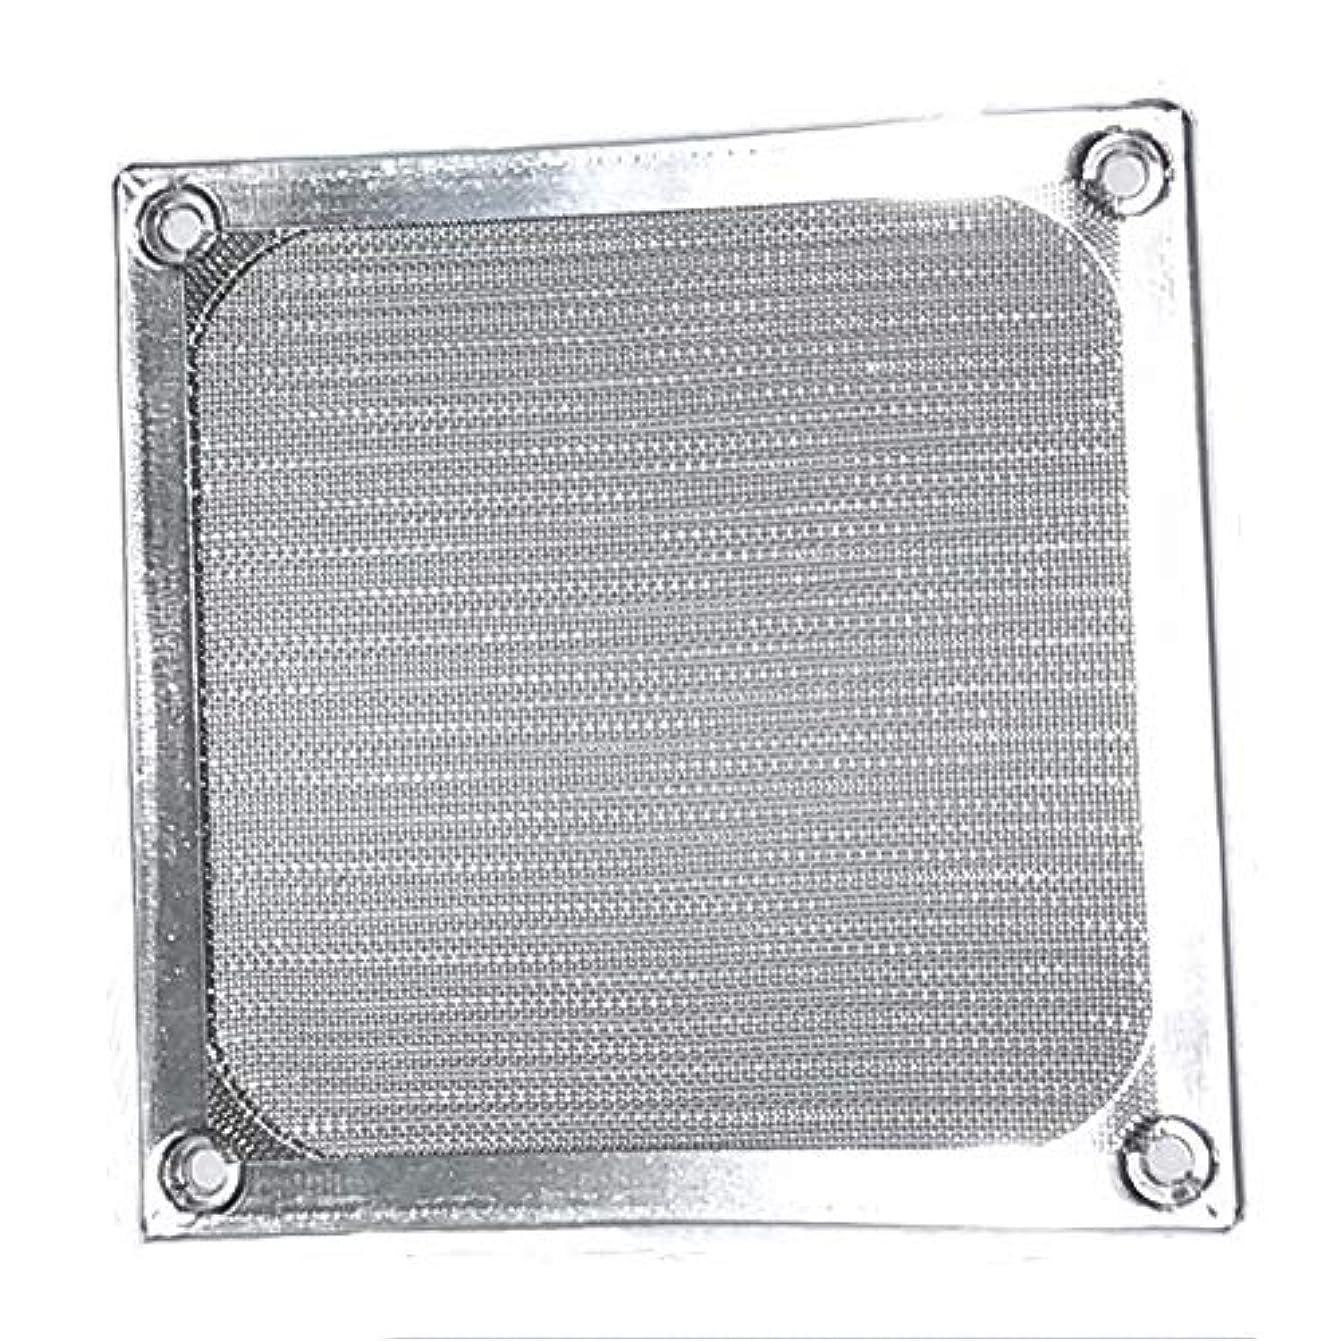 比喩増幅する分子gundoop バーナーパッド キャンプ用品 アウトドア アクセサリー 小物 12cm×12cm